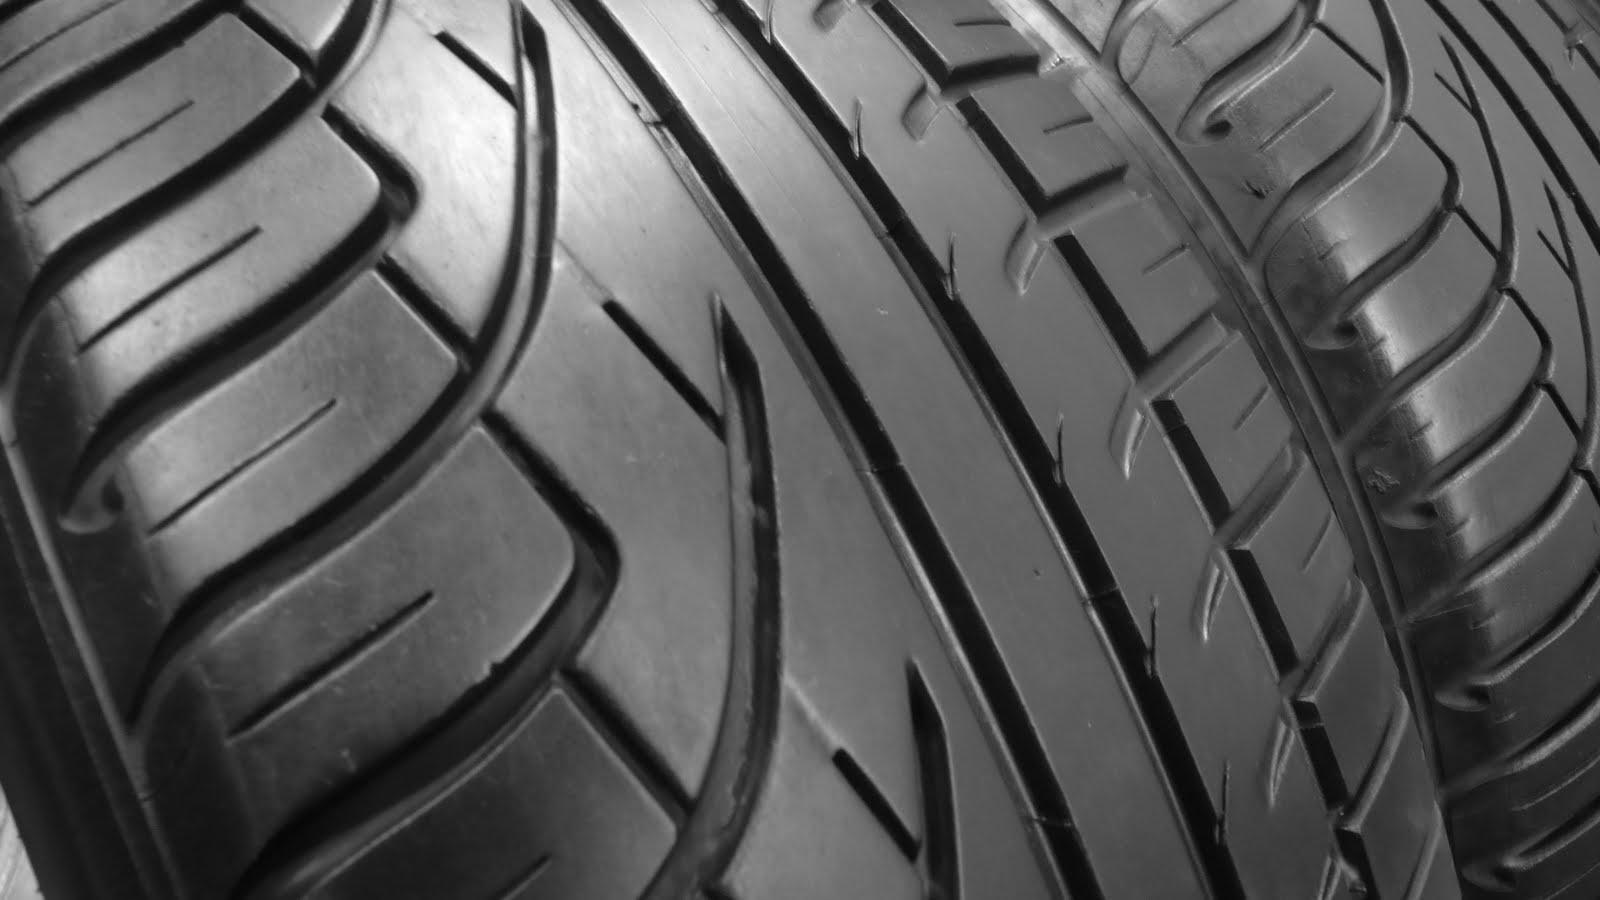 金詠輪胎 - 優質中古胎: 04/01/2010 - 05/01/2010